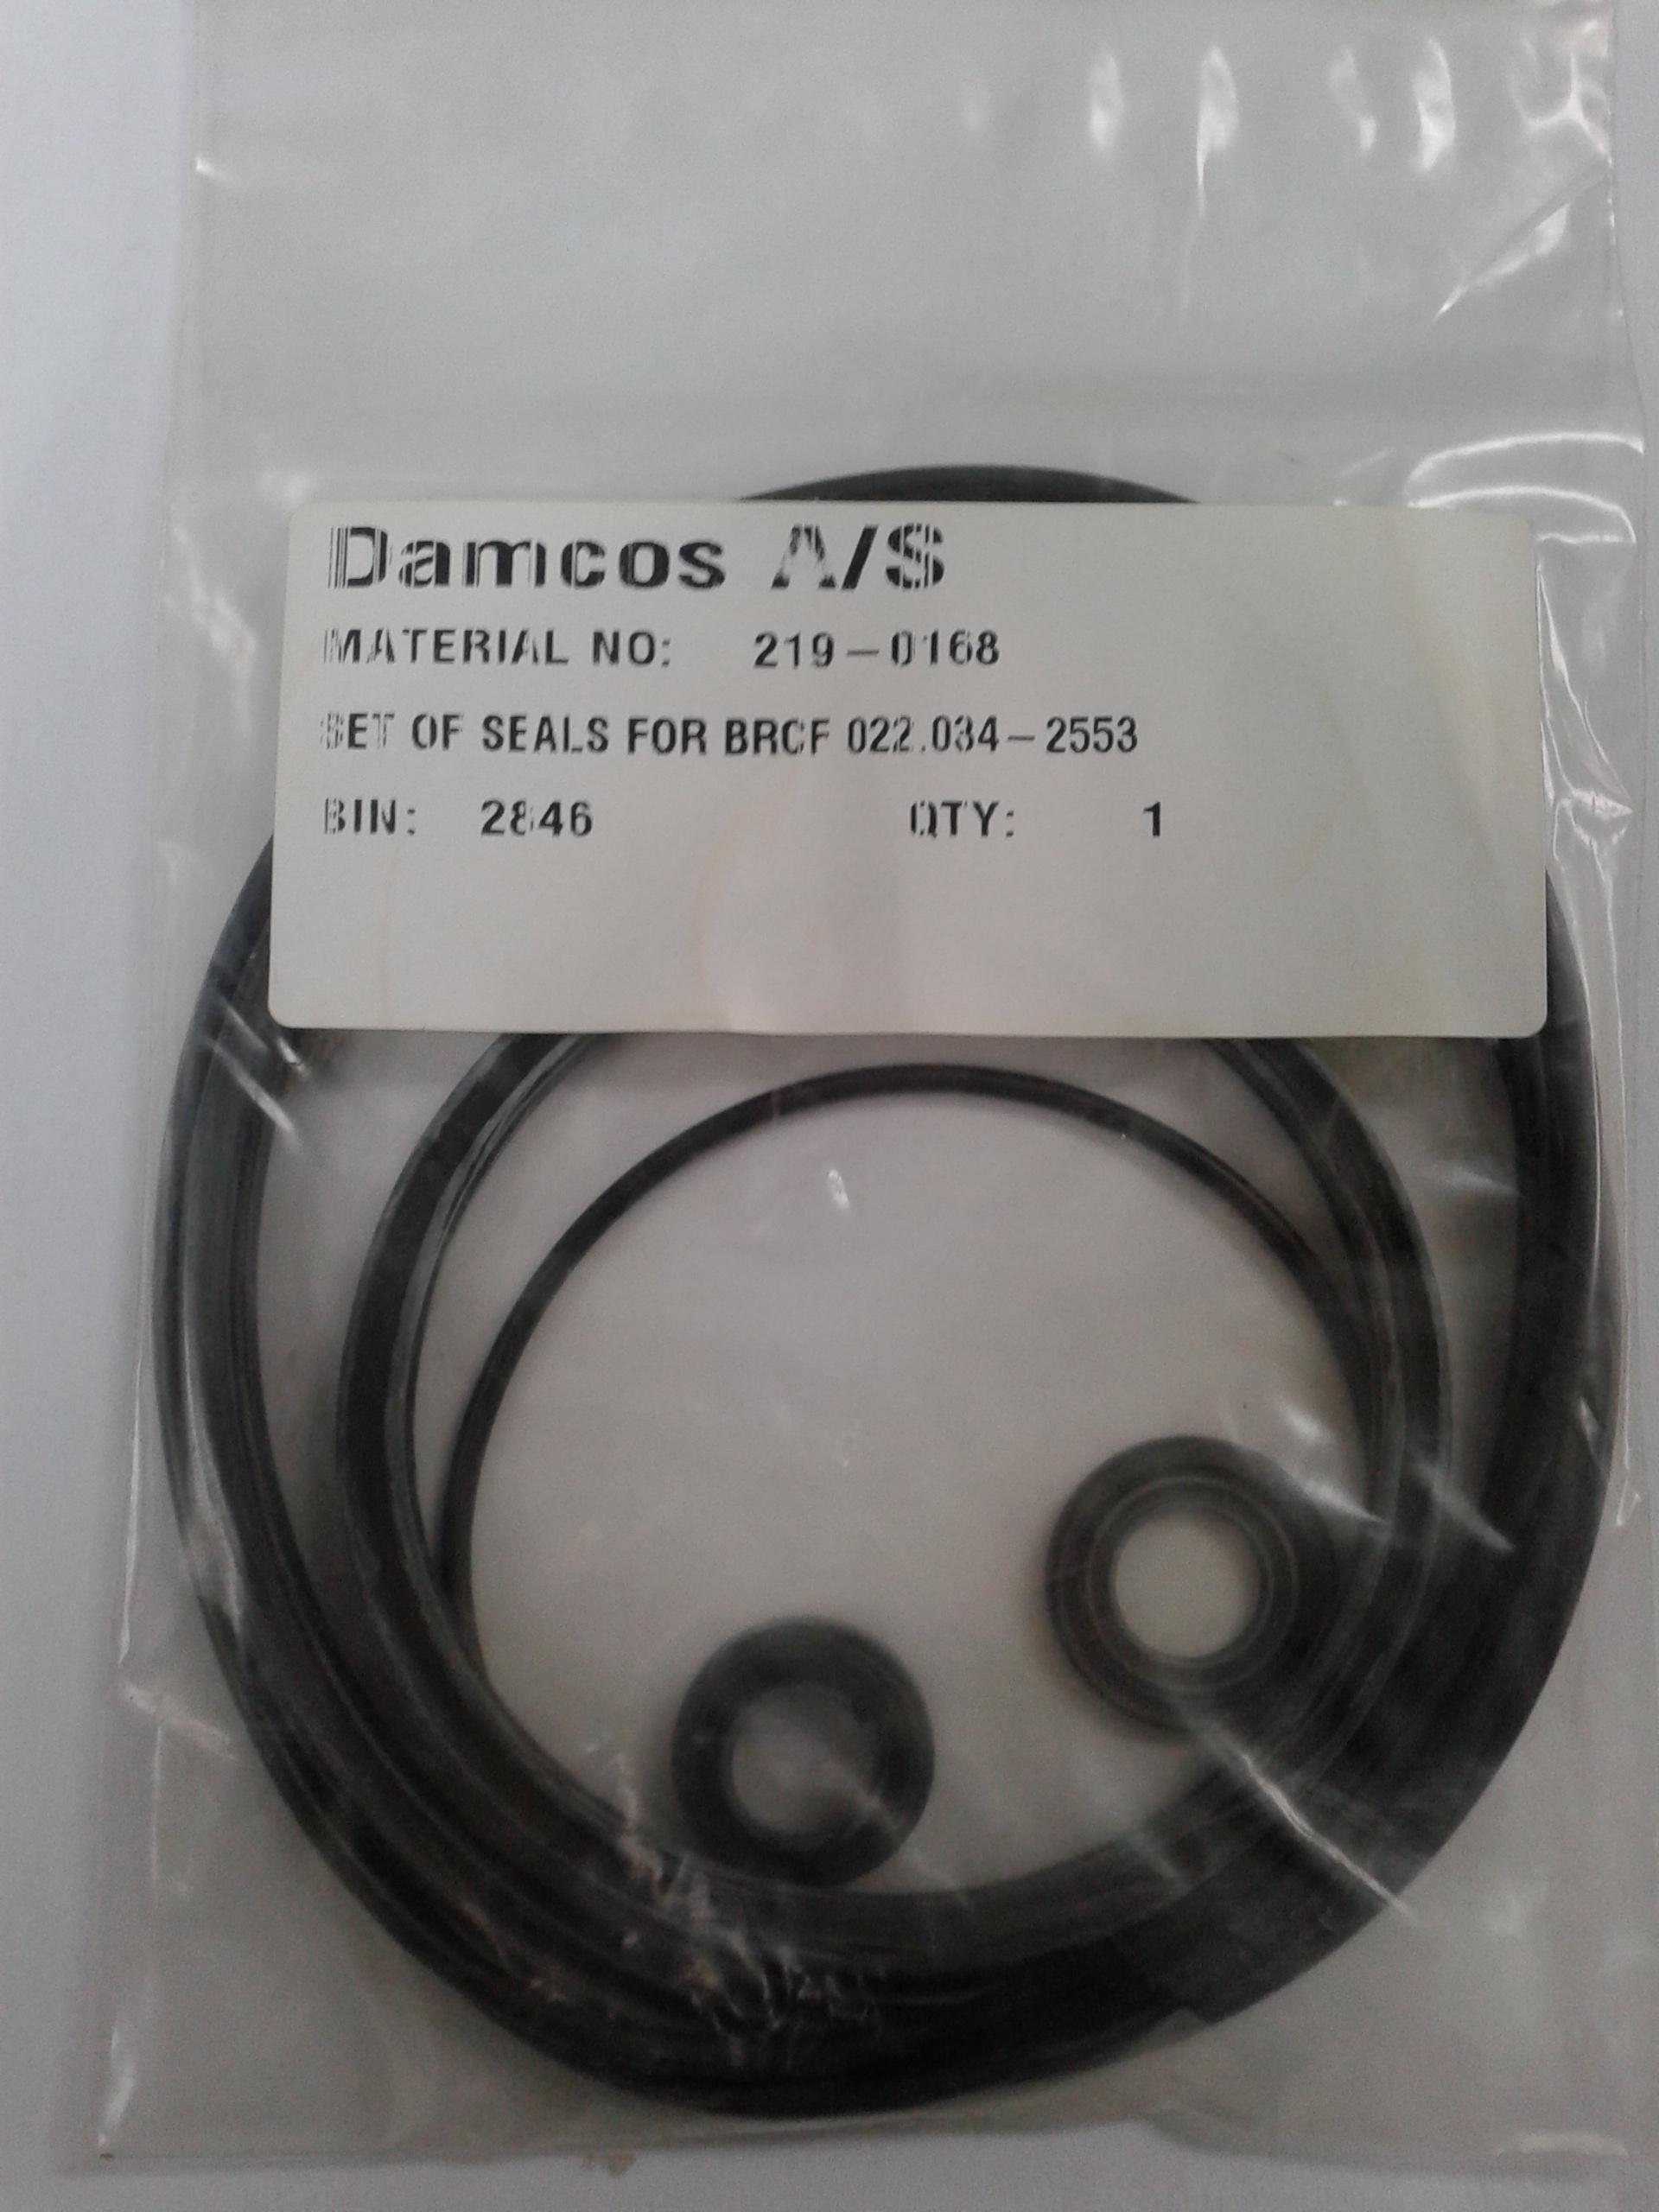 Damcos:Danfoss BRCF 022.34-2553 Seal:Packing Kit. Part no- 219-0168